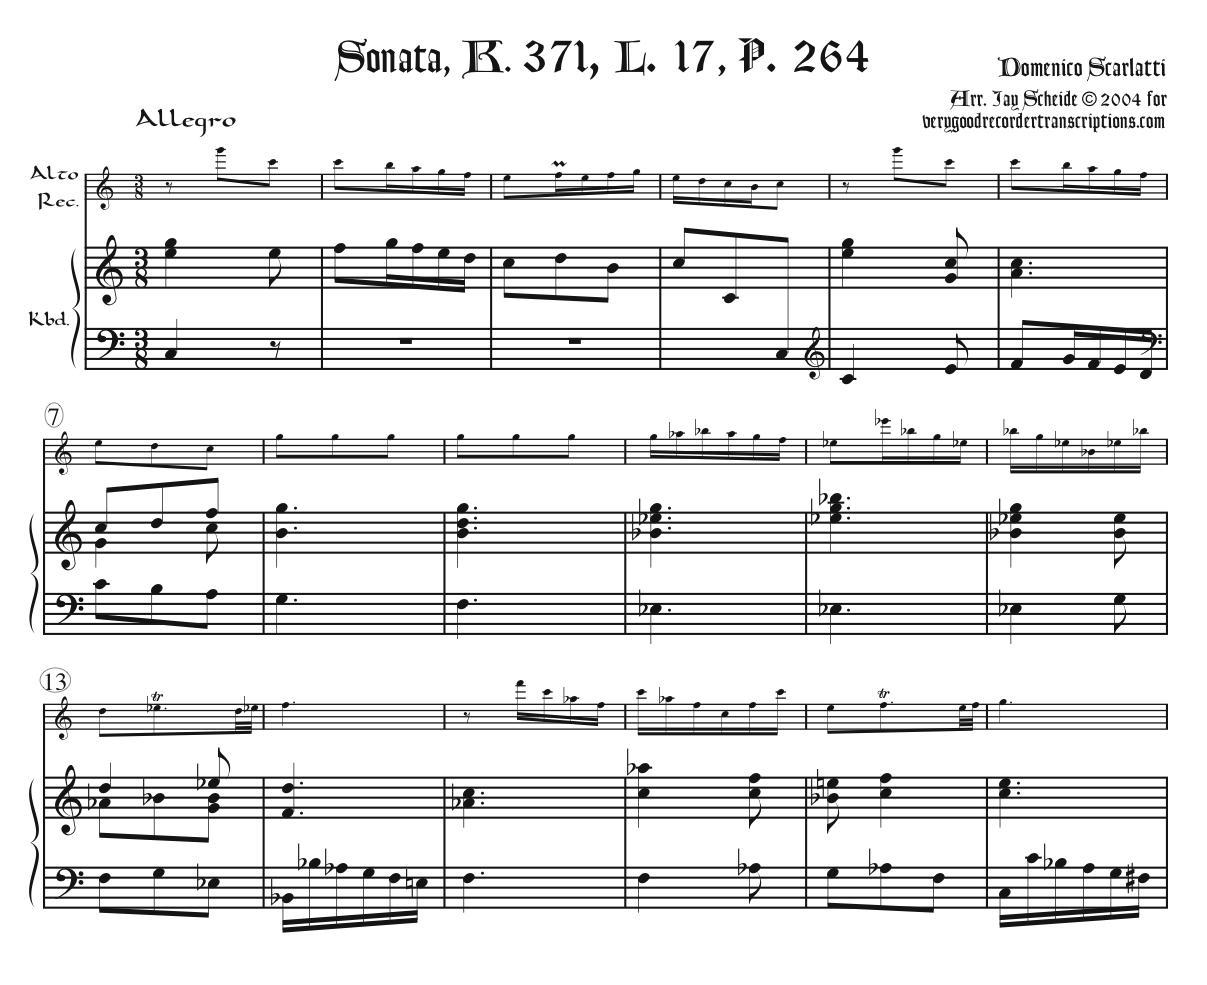 Sonata, K. 371, L. 17, P. 264